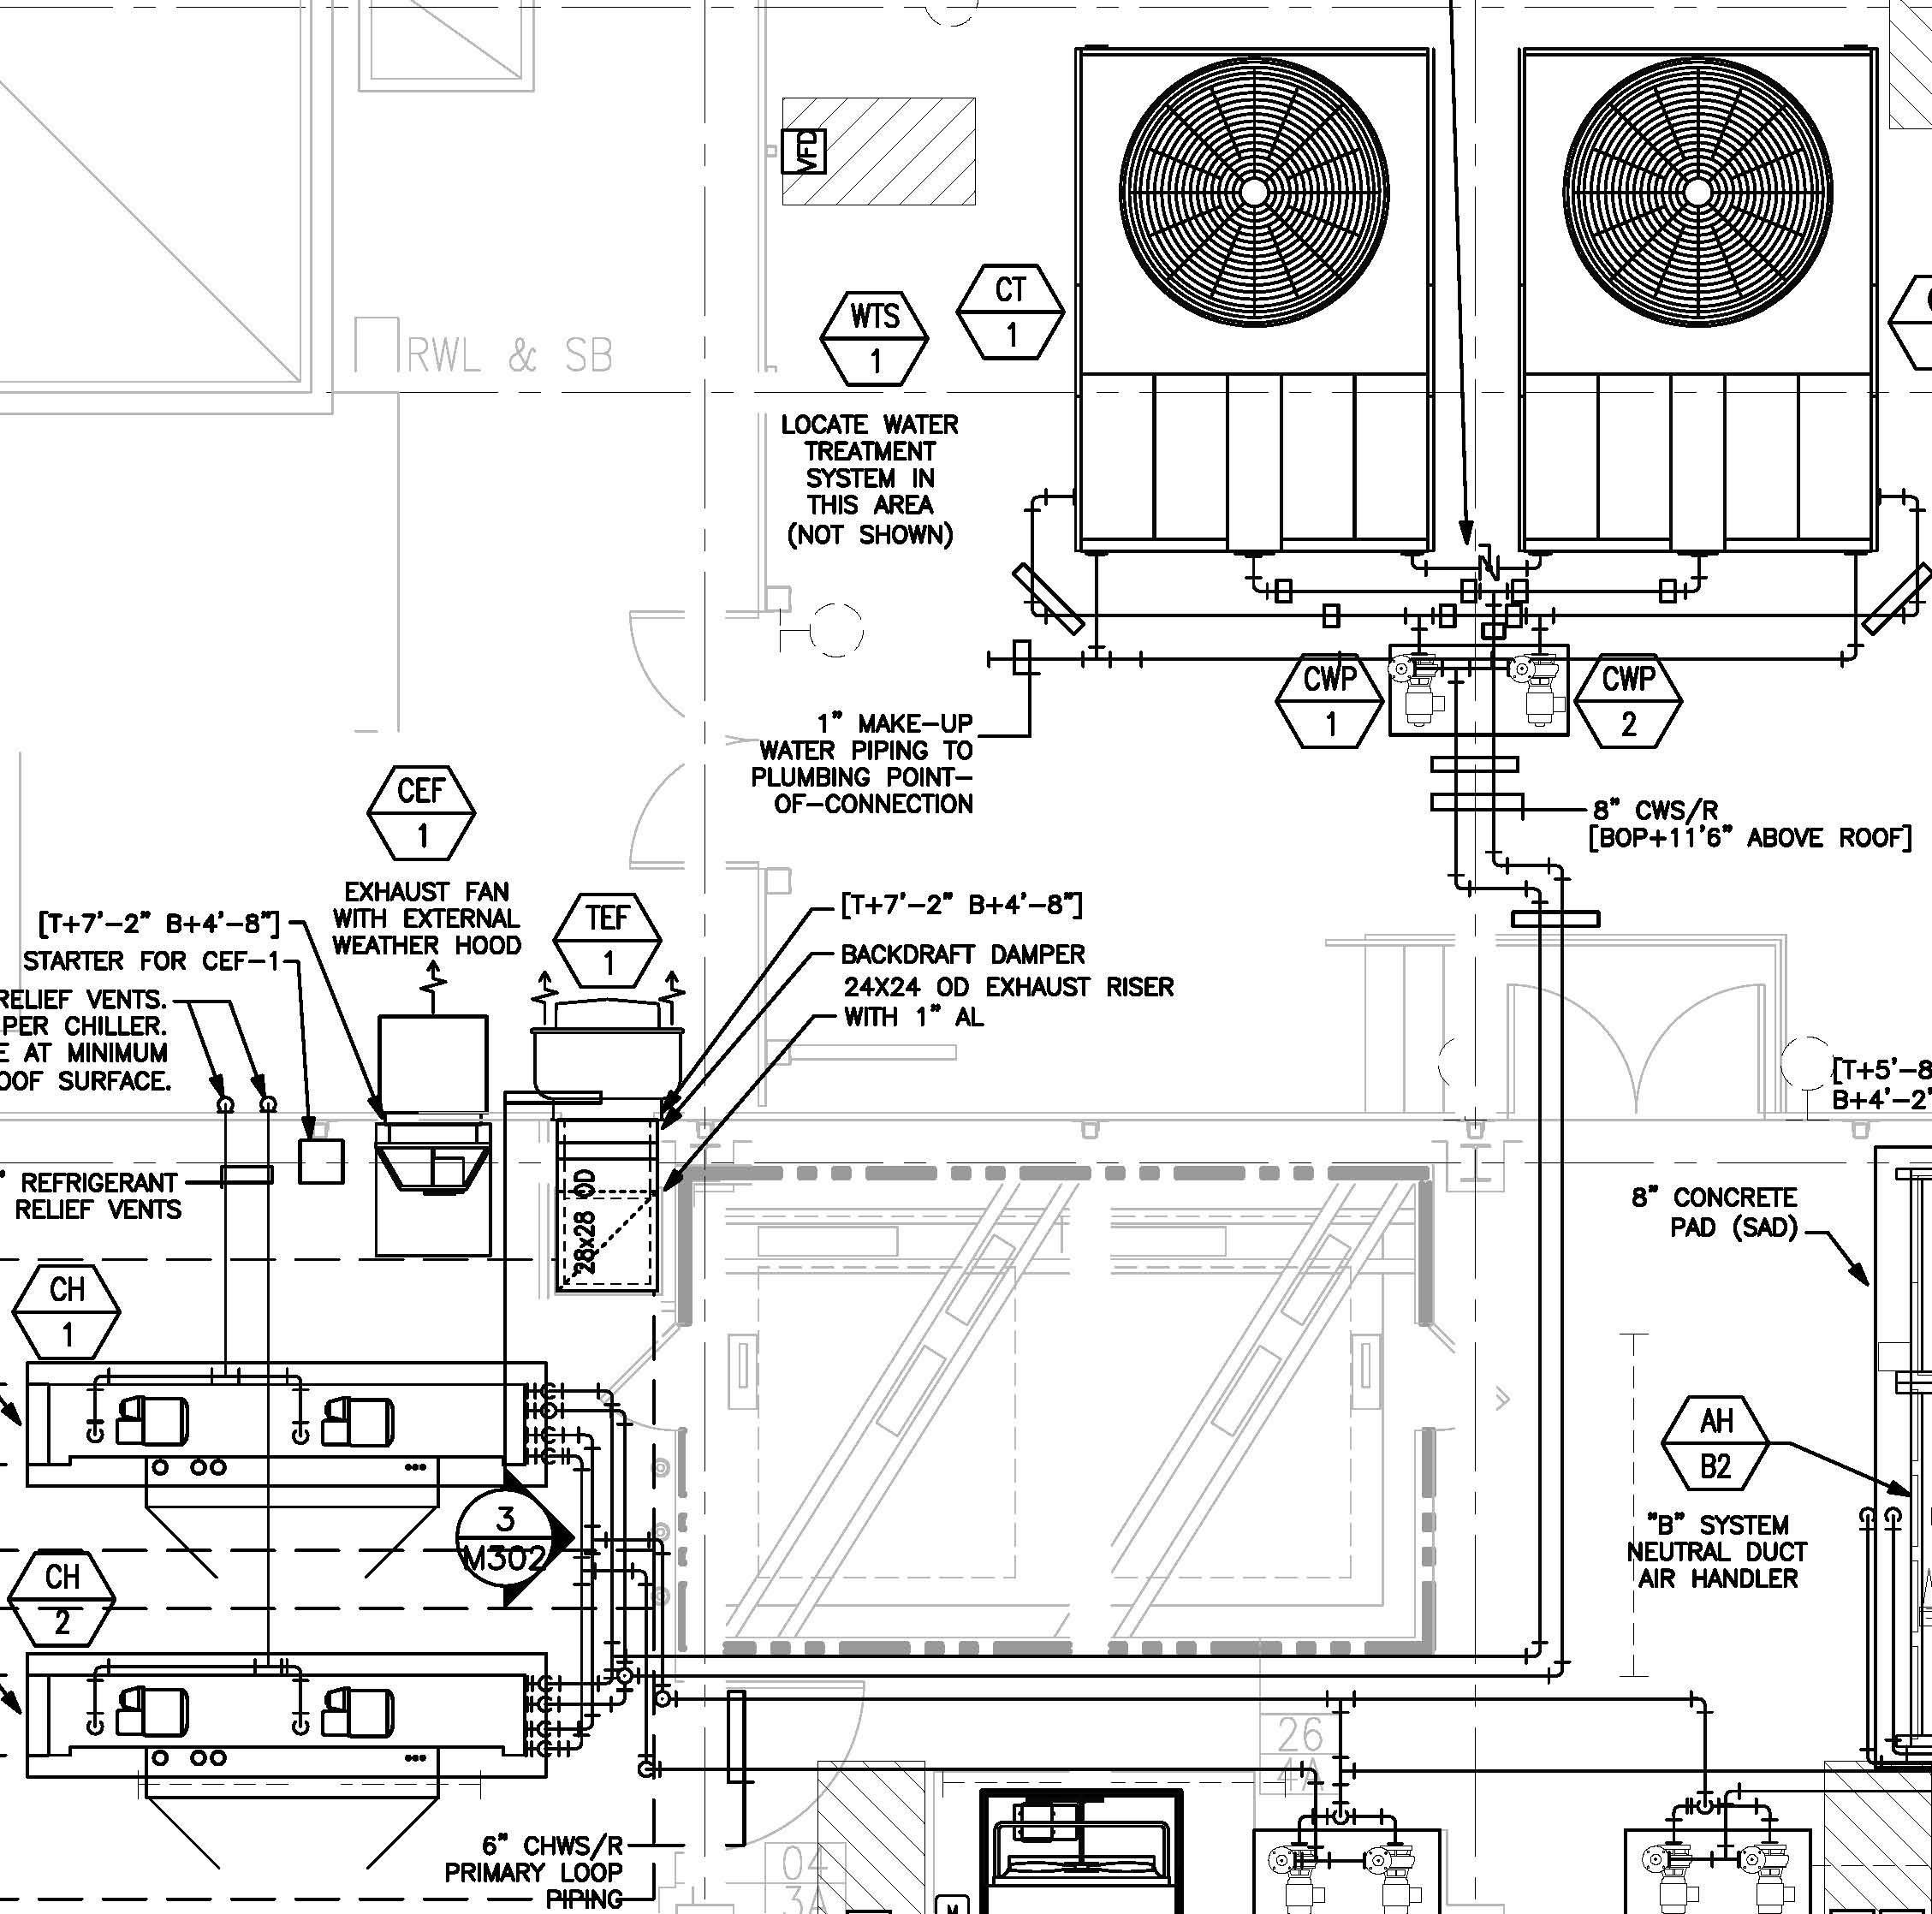 Walk In Freezer Wiring Diagram Walk In Cooler Troubleshooting Chart Unique Walk In Freezer Wiring Of Walk In Freezer Wiring Diagram